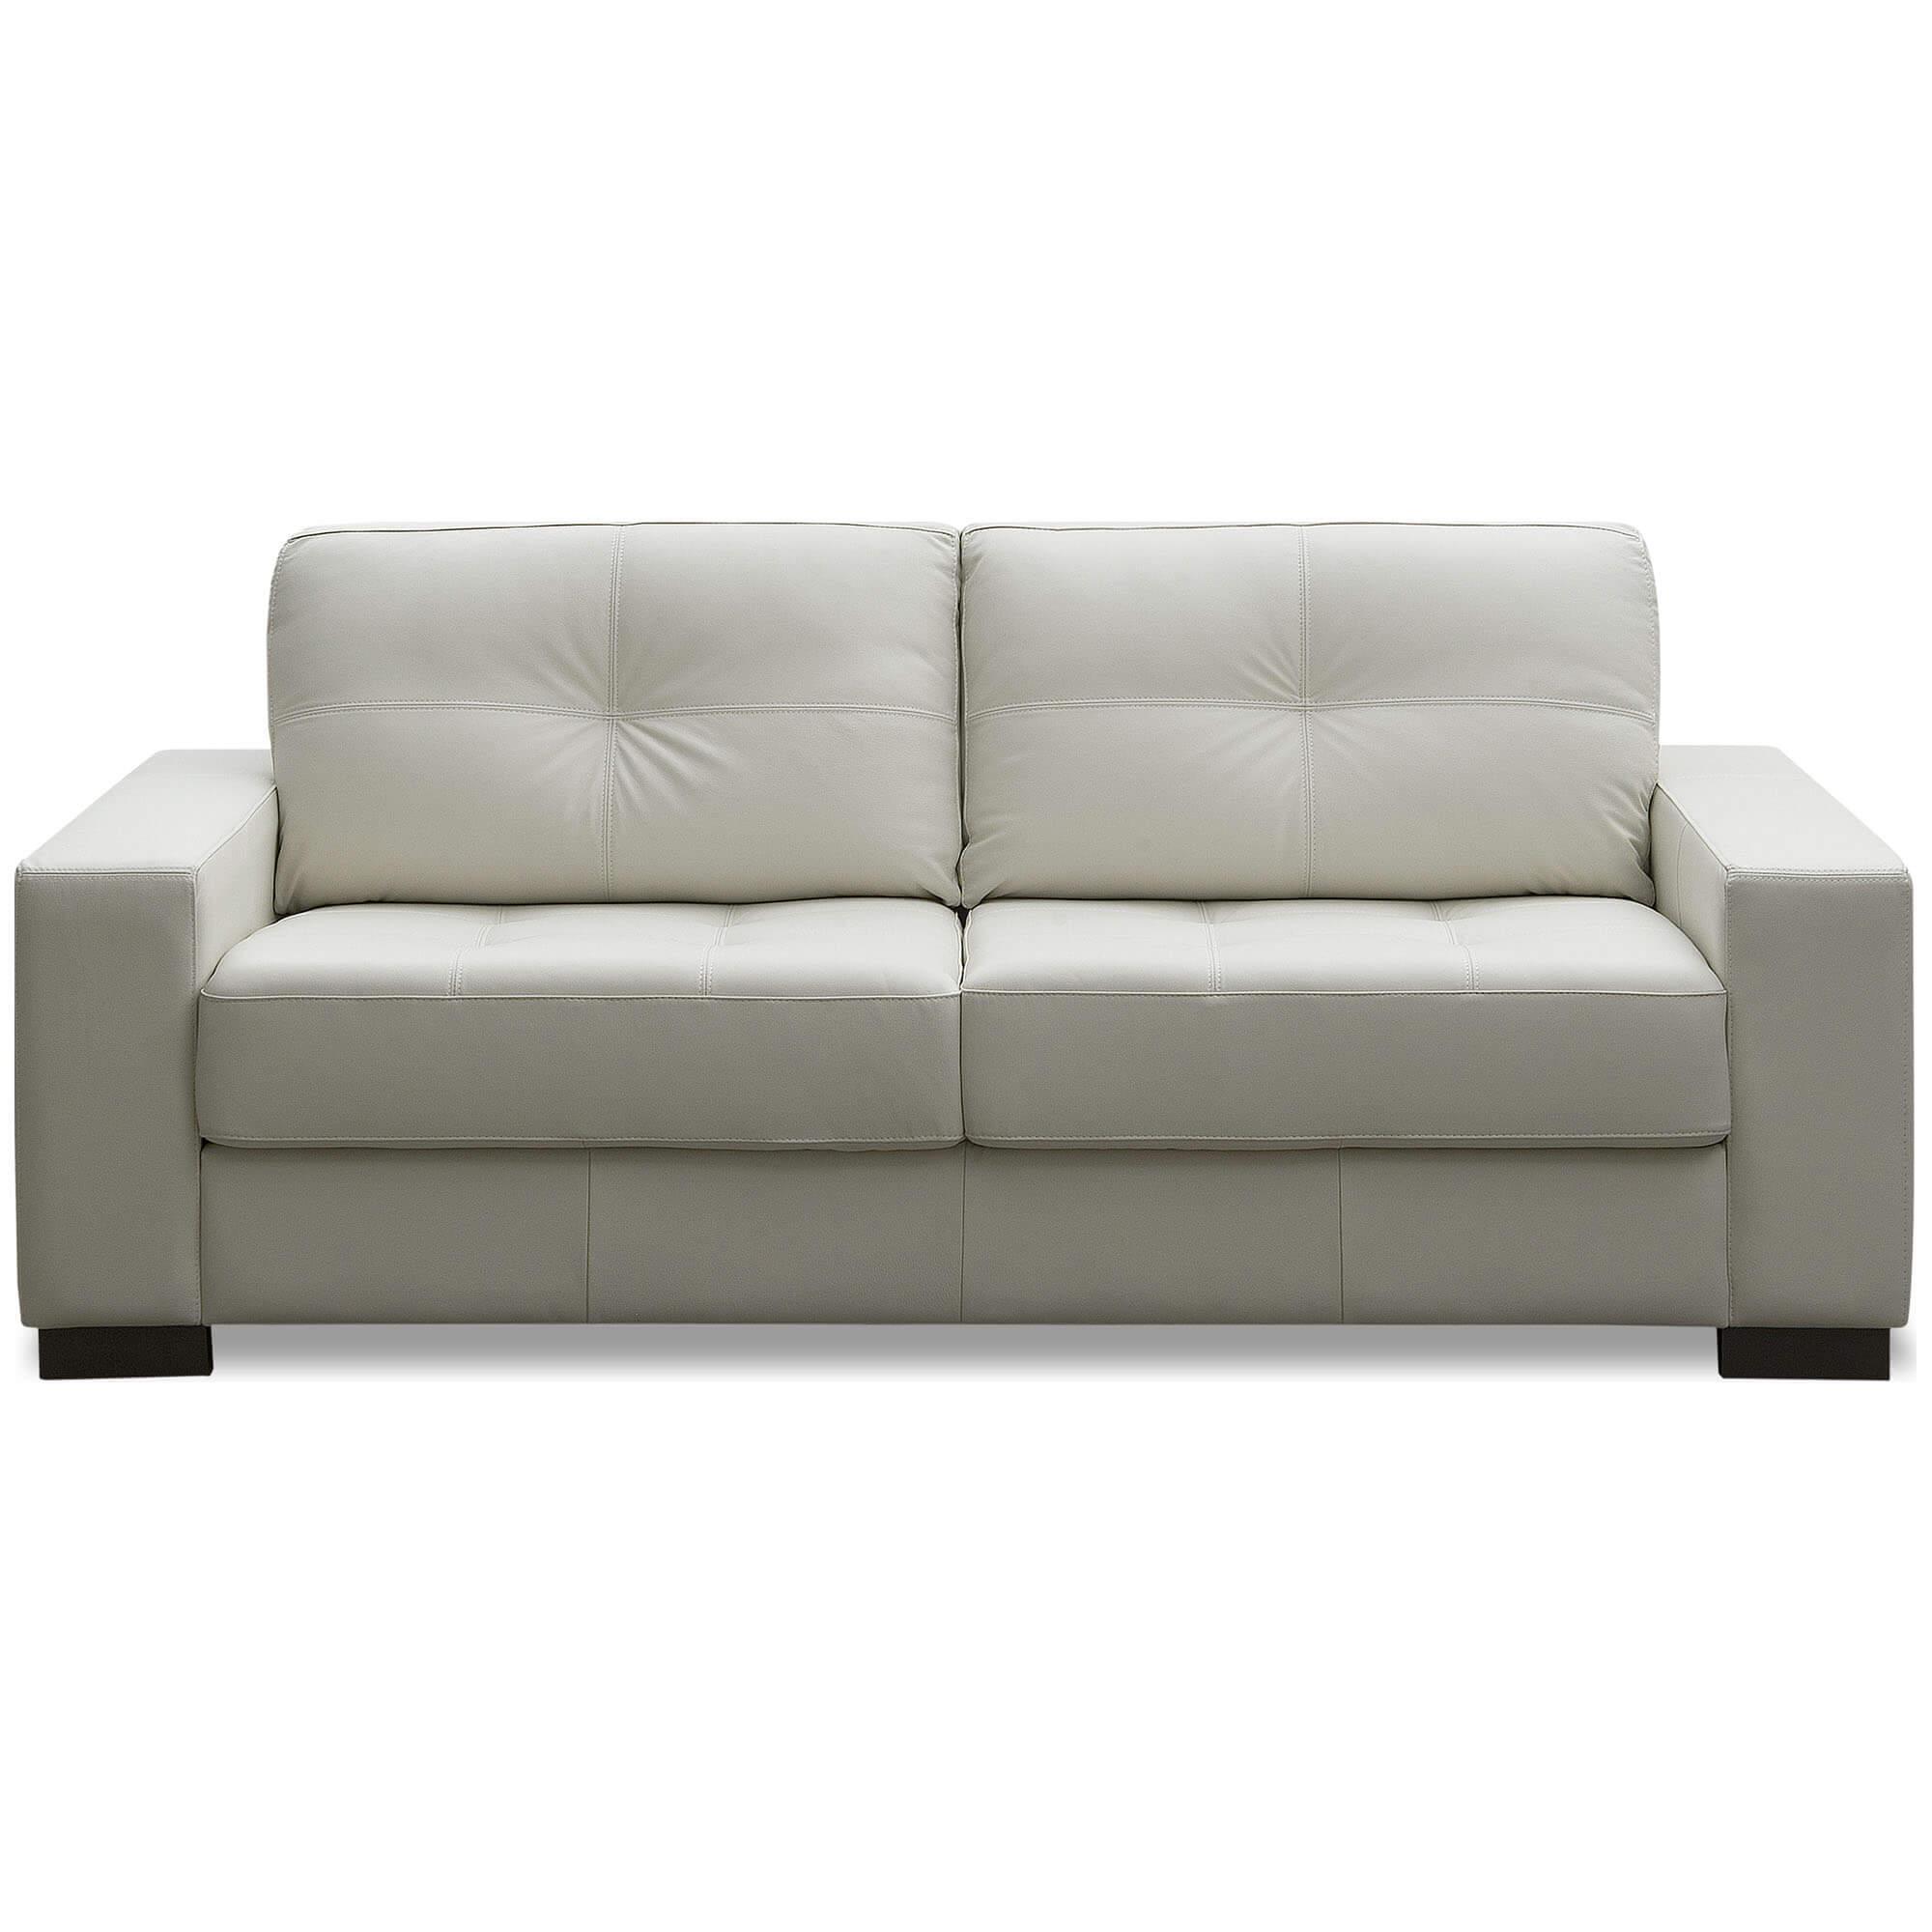 Sofá 2 Lugares de Couro 150cm - Haero Off White